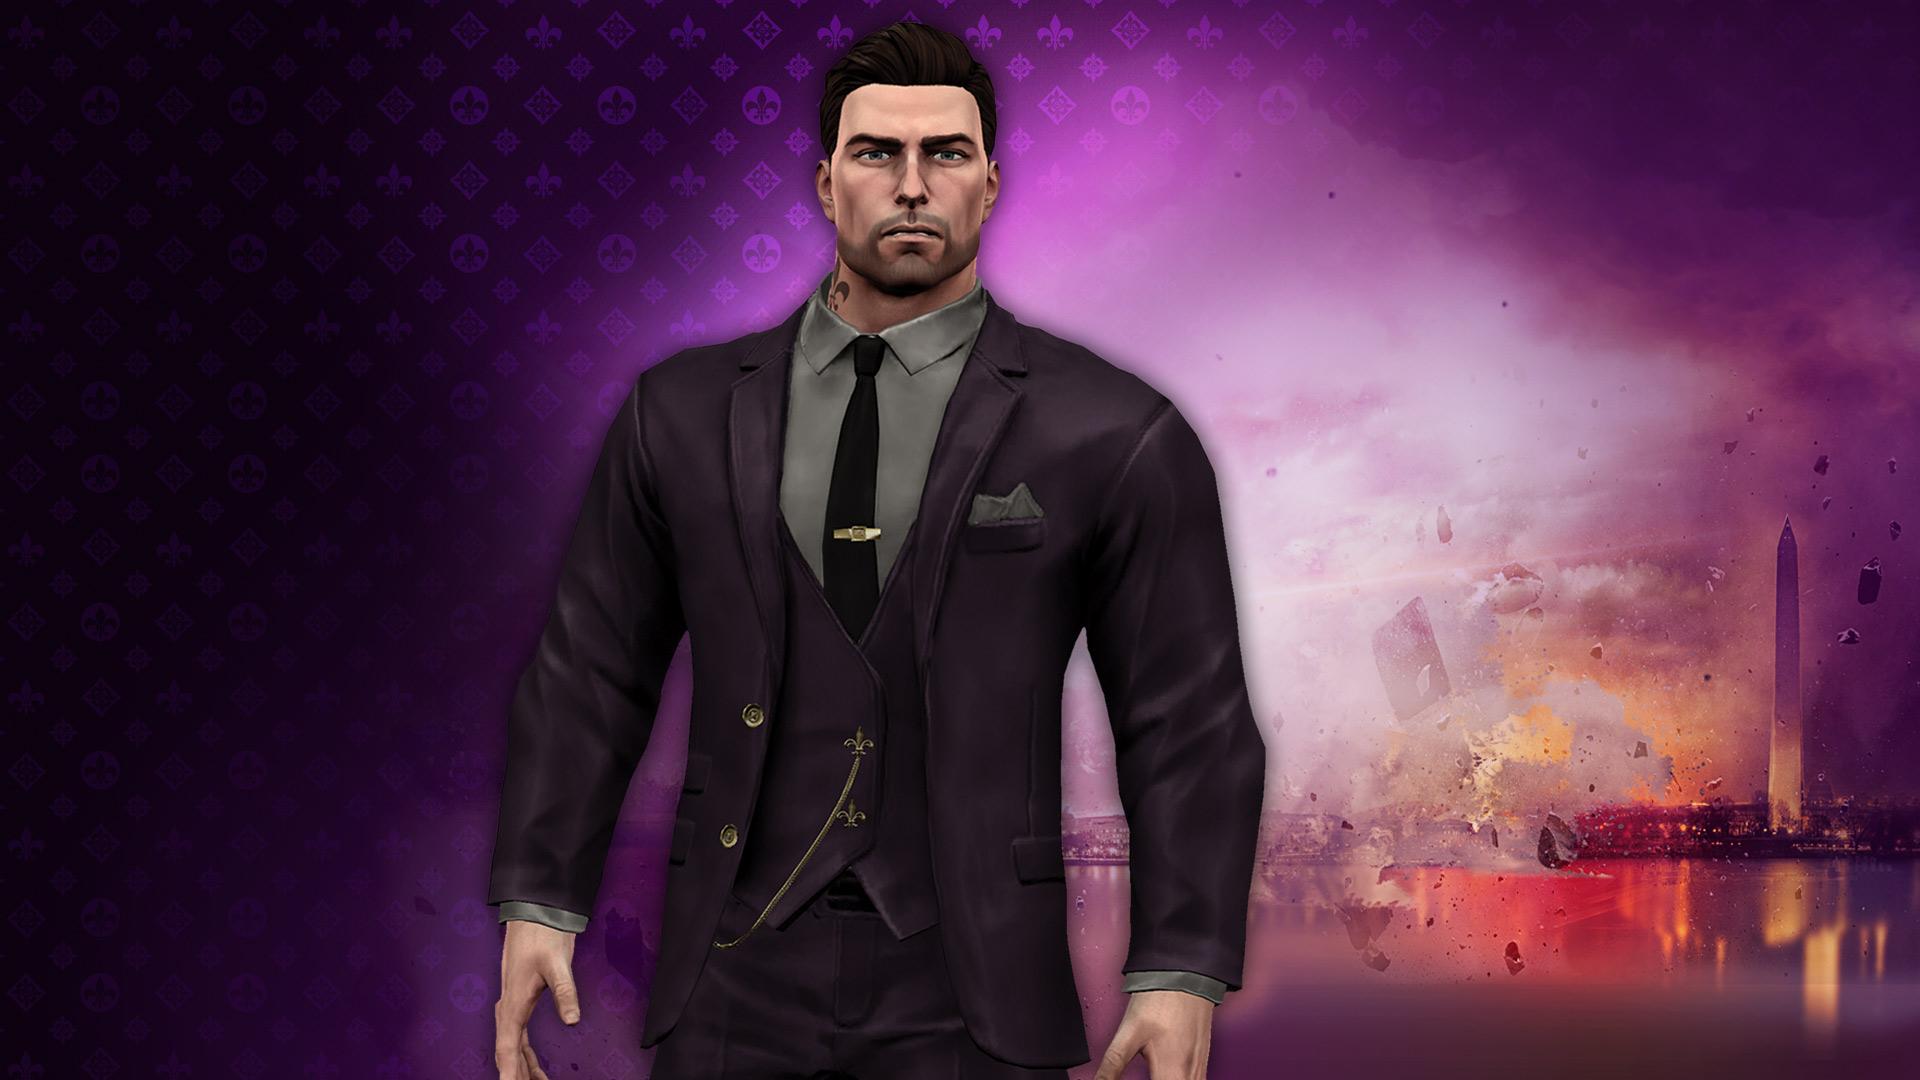 SR4_Steam_Trading_Card_The_Boss.jpg